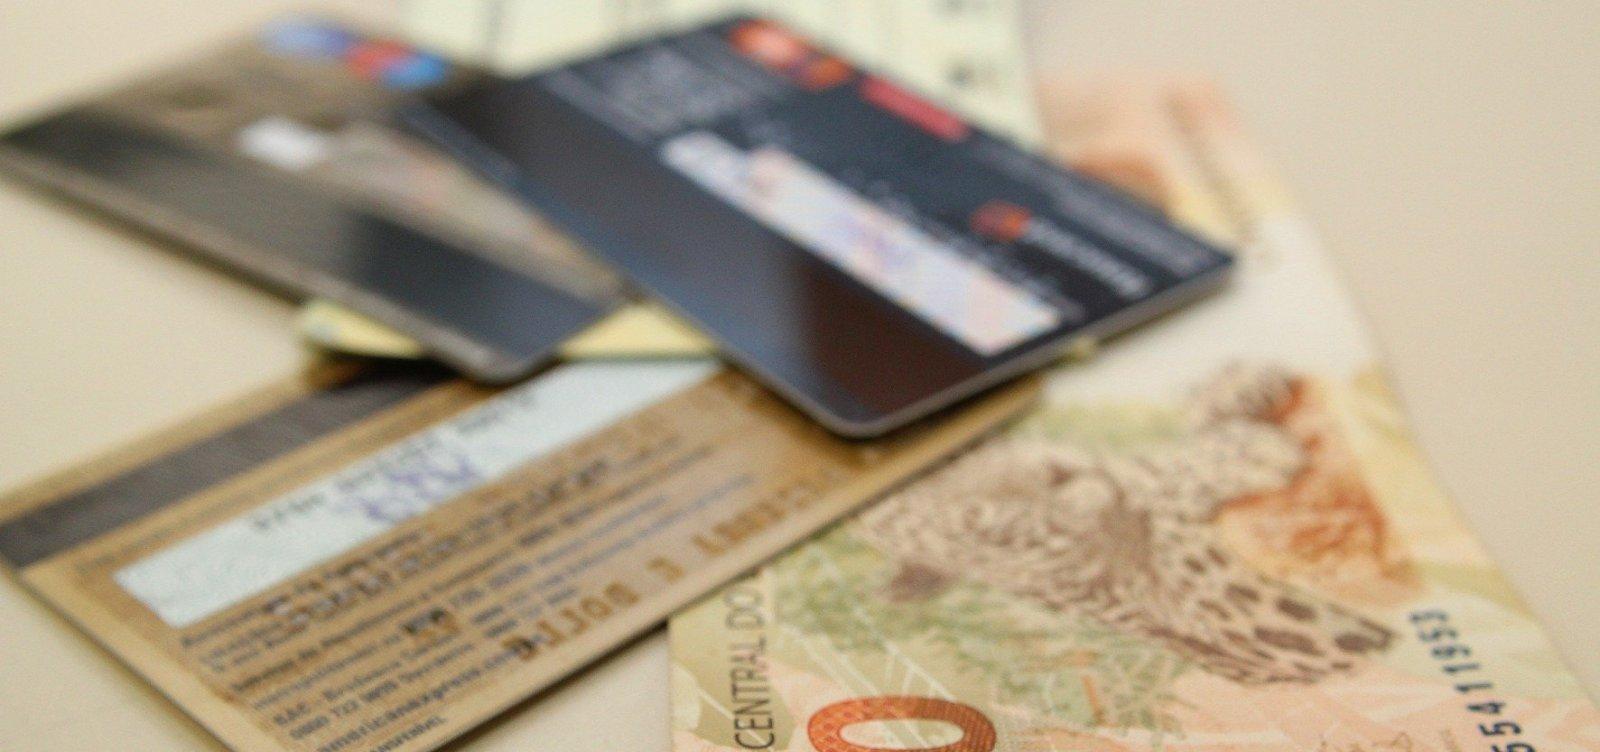 [Apesar de decisão do STF, Planalto mantém sob sigilo gastos com cartão corporativo]